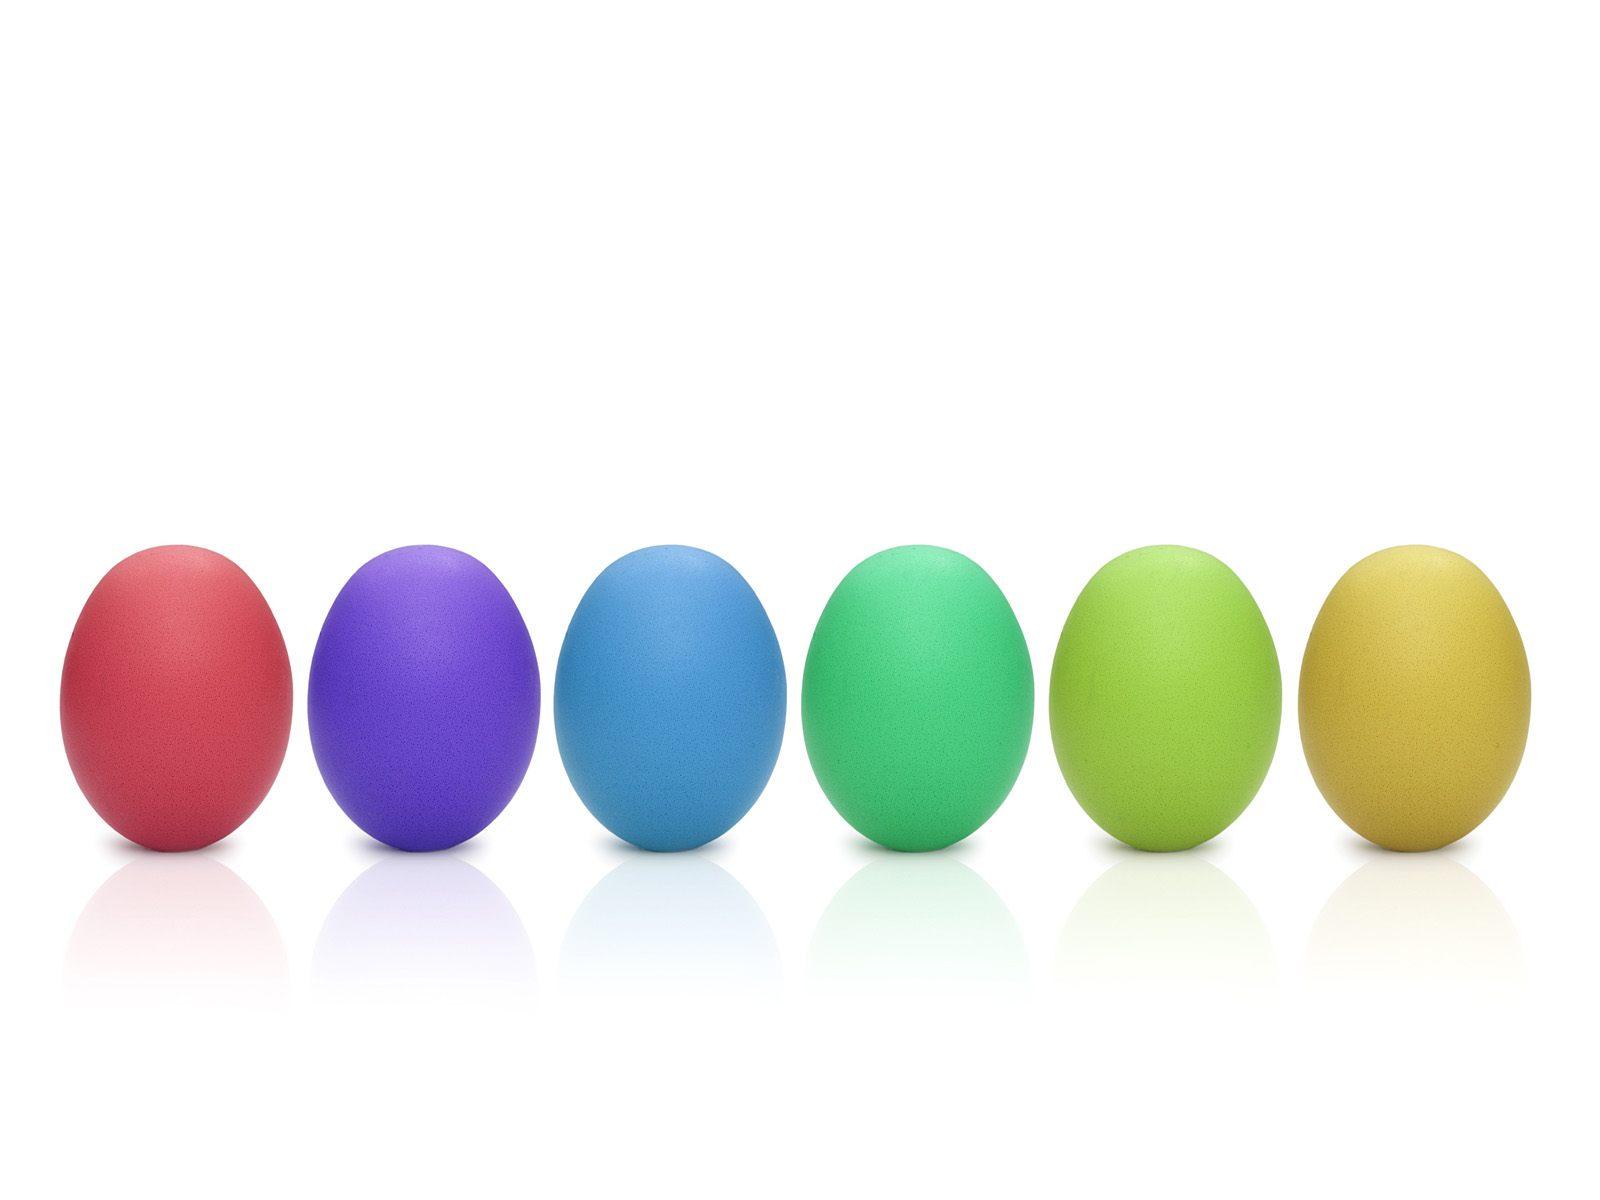 1600x1200 Easter Egg